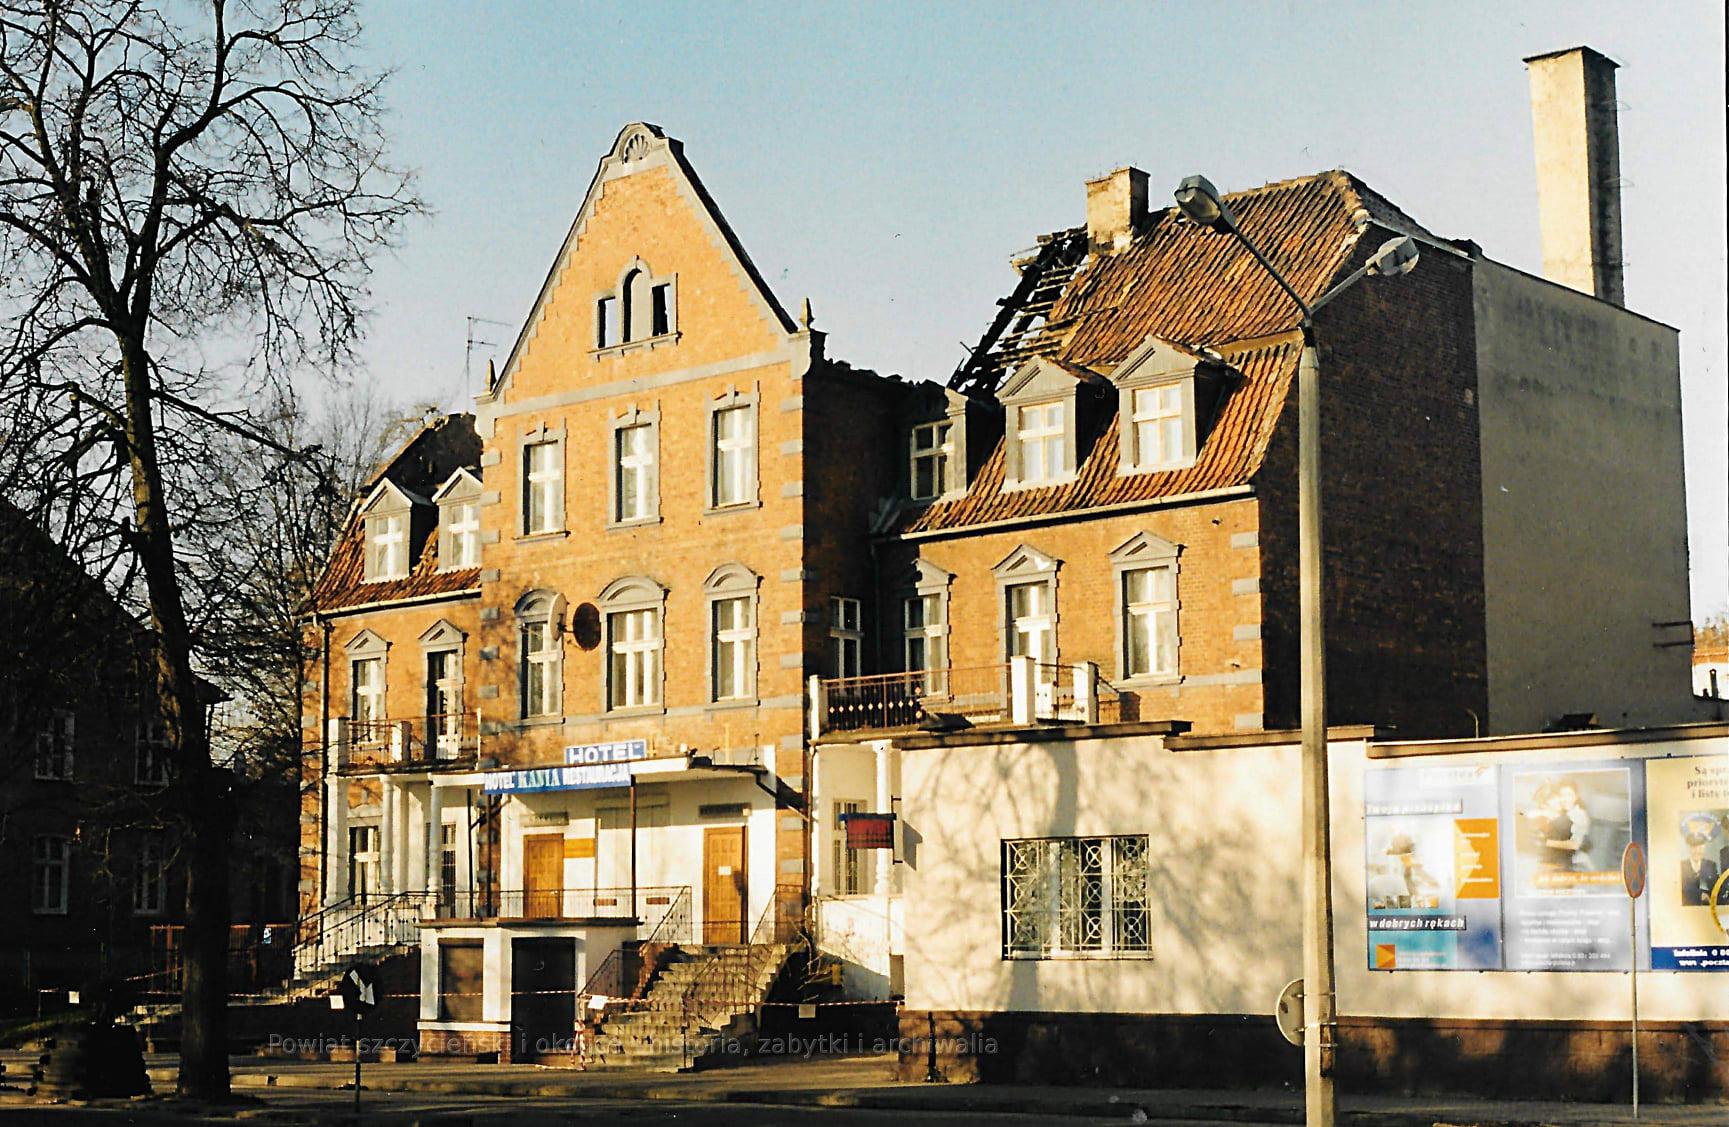 https://m.powiatszczycienski.pl/2020/11/orig/fot-andrzej-rzepecki-35880.jpg